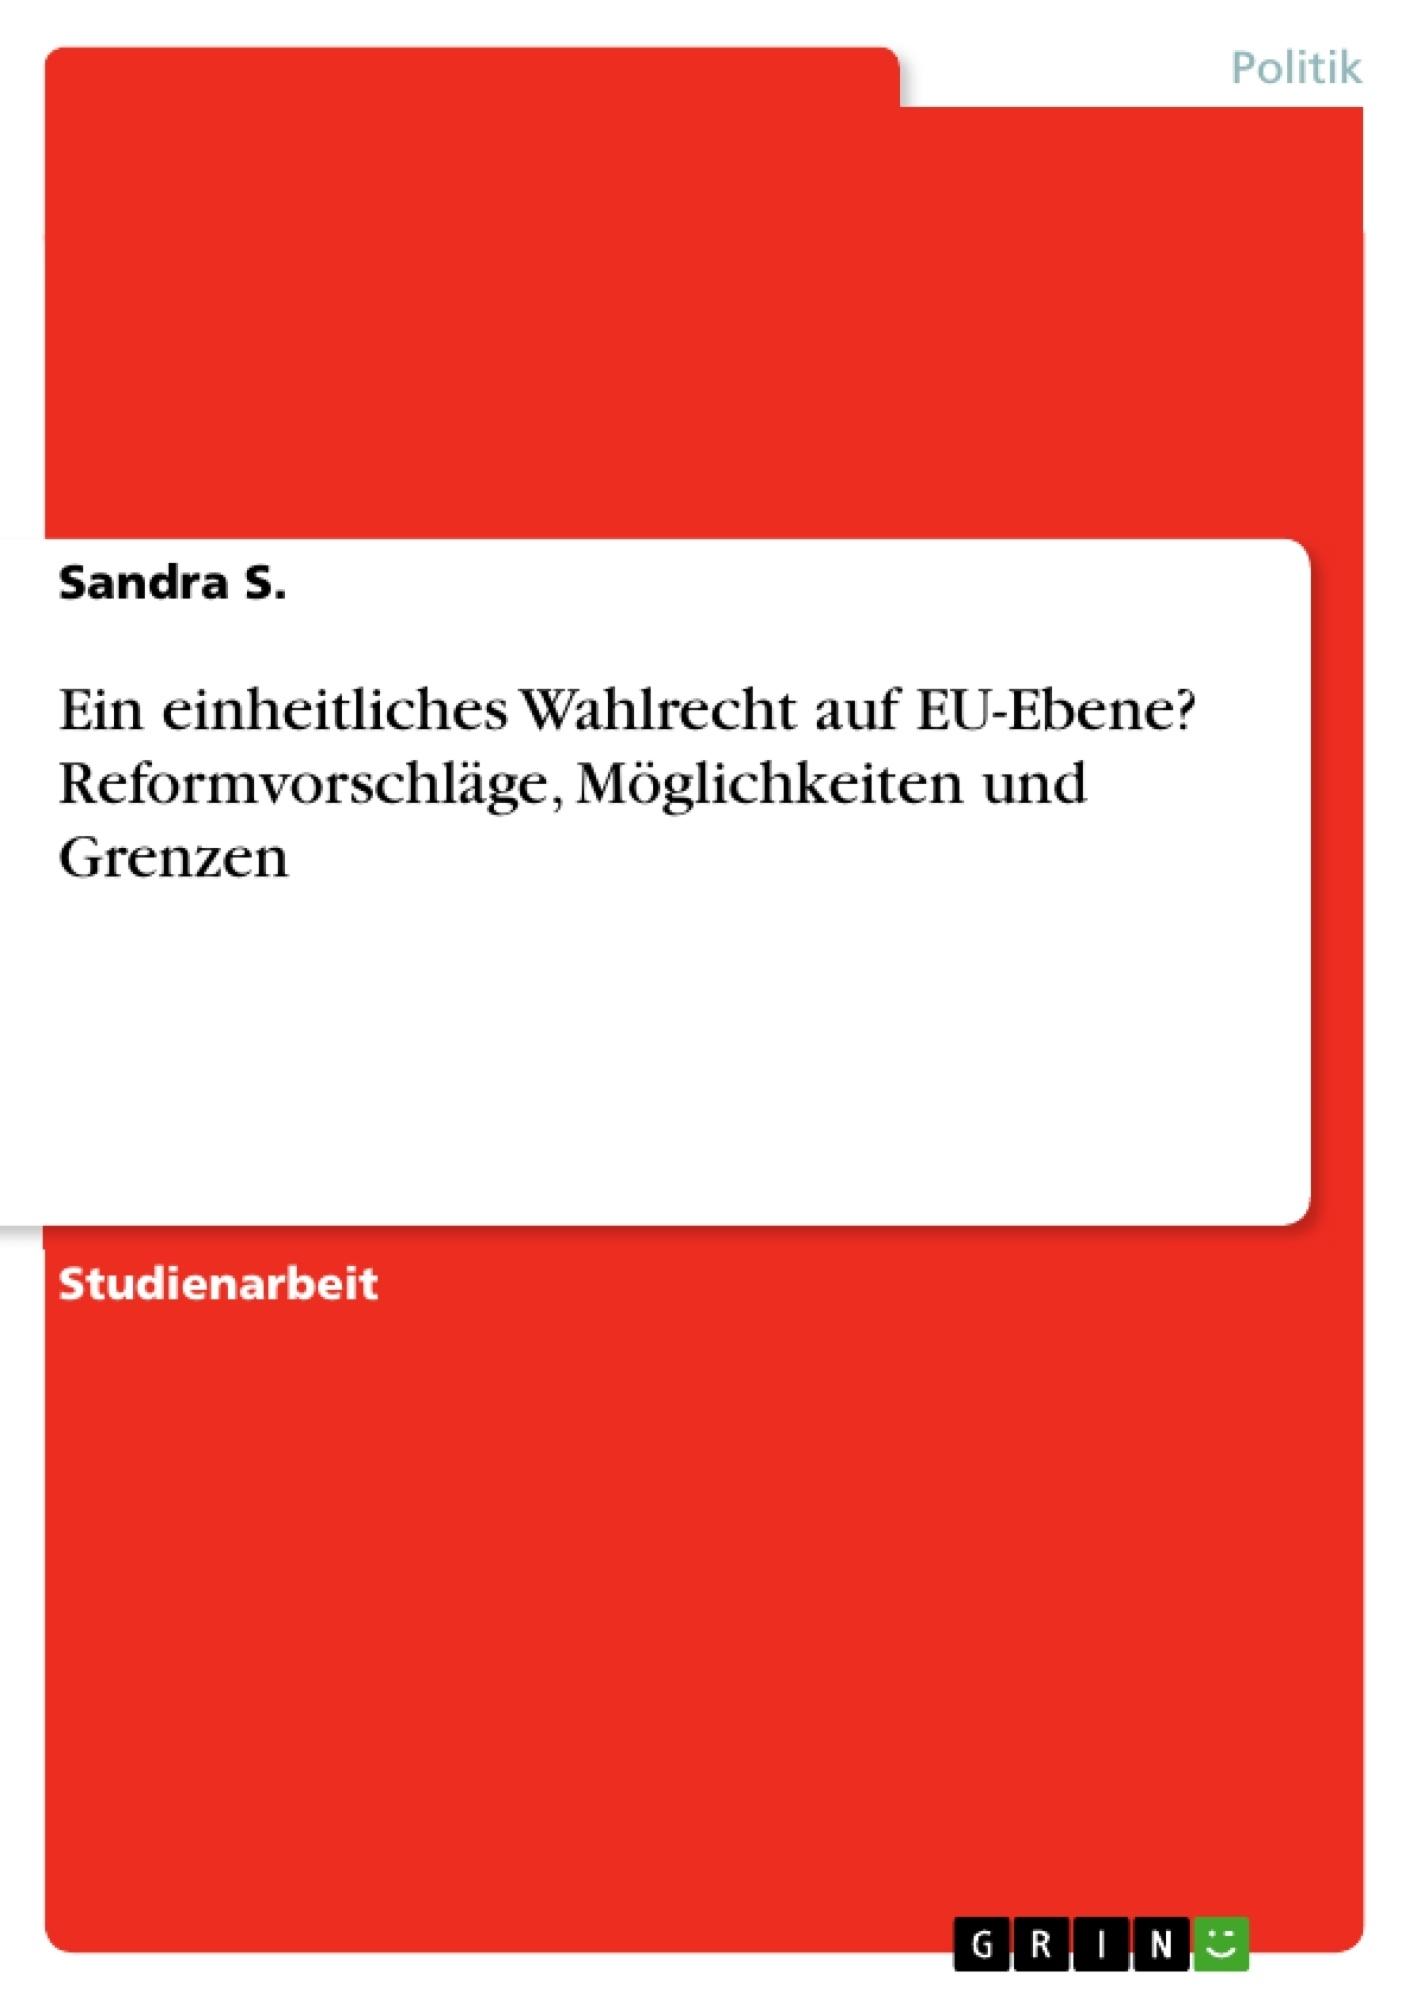 Titel: Ein einheitliches Wahlrecht auf EU-Ebene? Reformvorschläge, Möglichkeiten und Grenzen